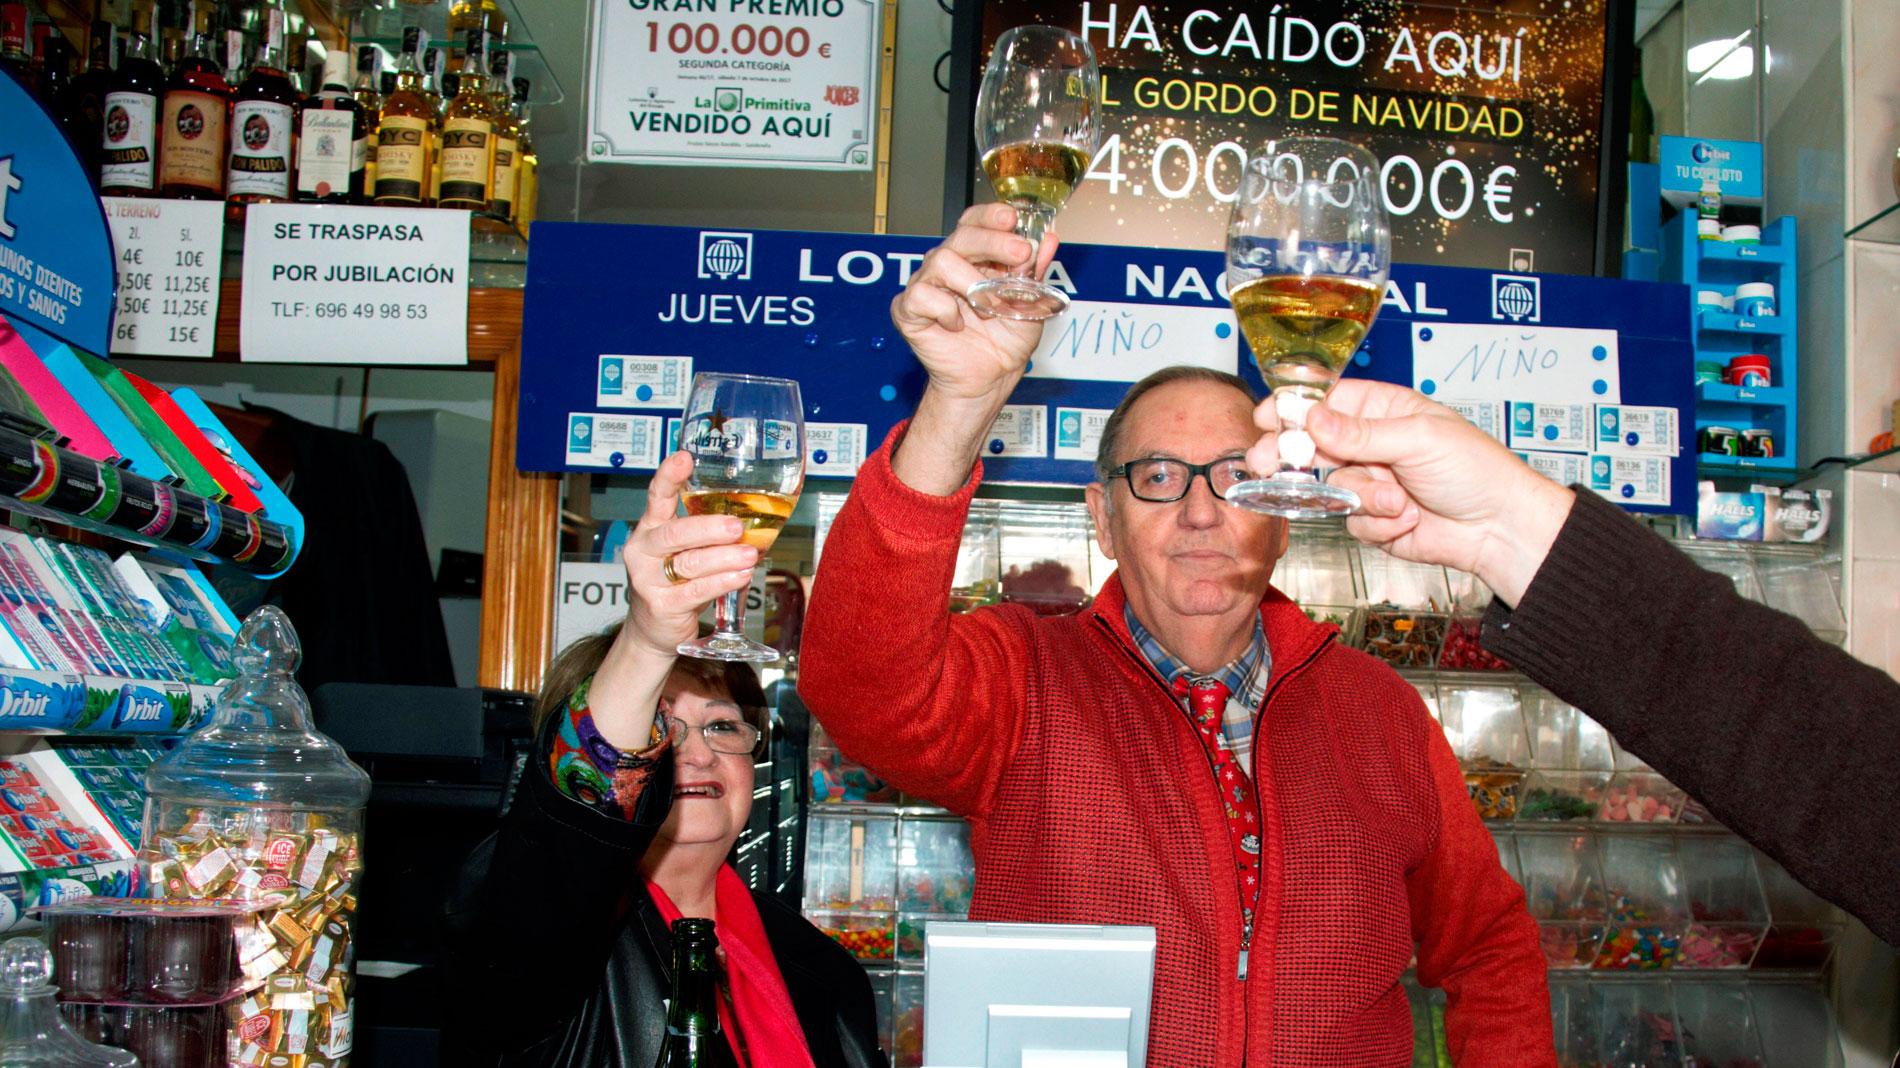 ¿Qué deben tener en cuenta los afortunados que les han tocado la Lotería de Navidad?